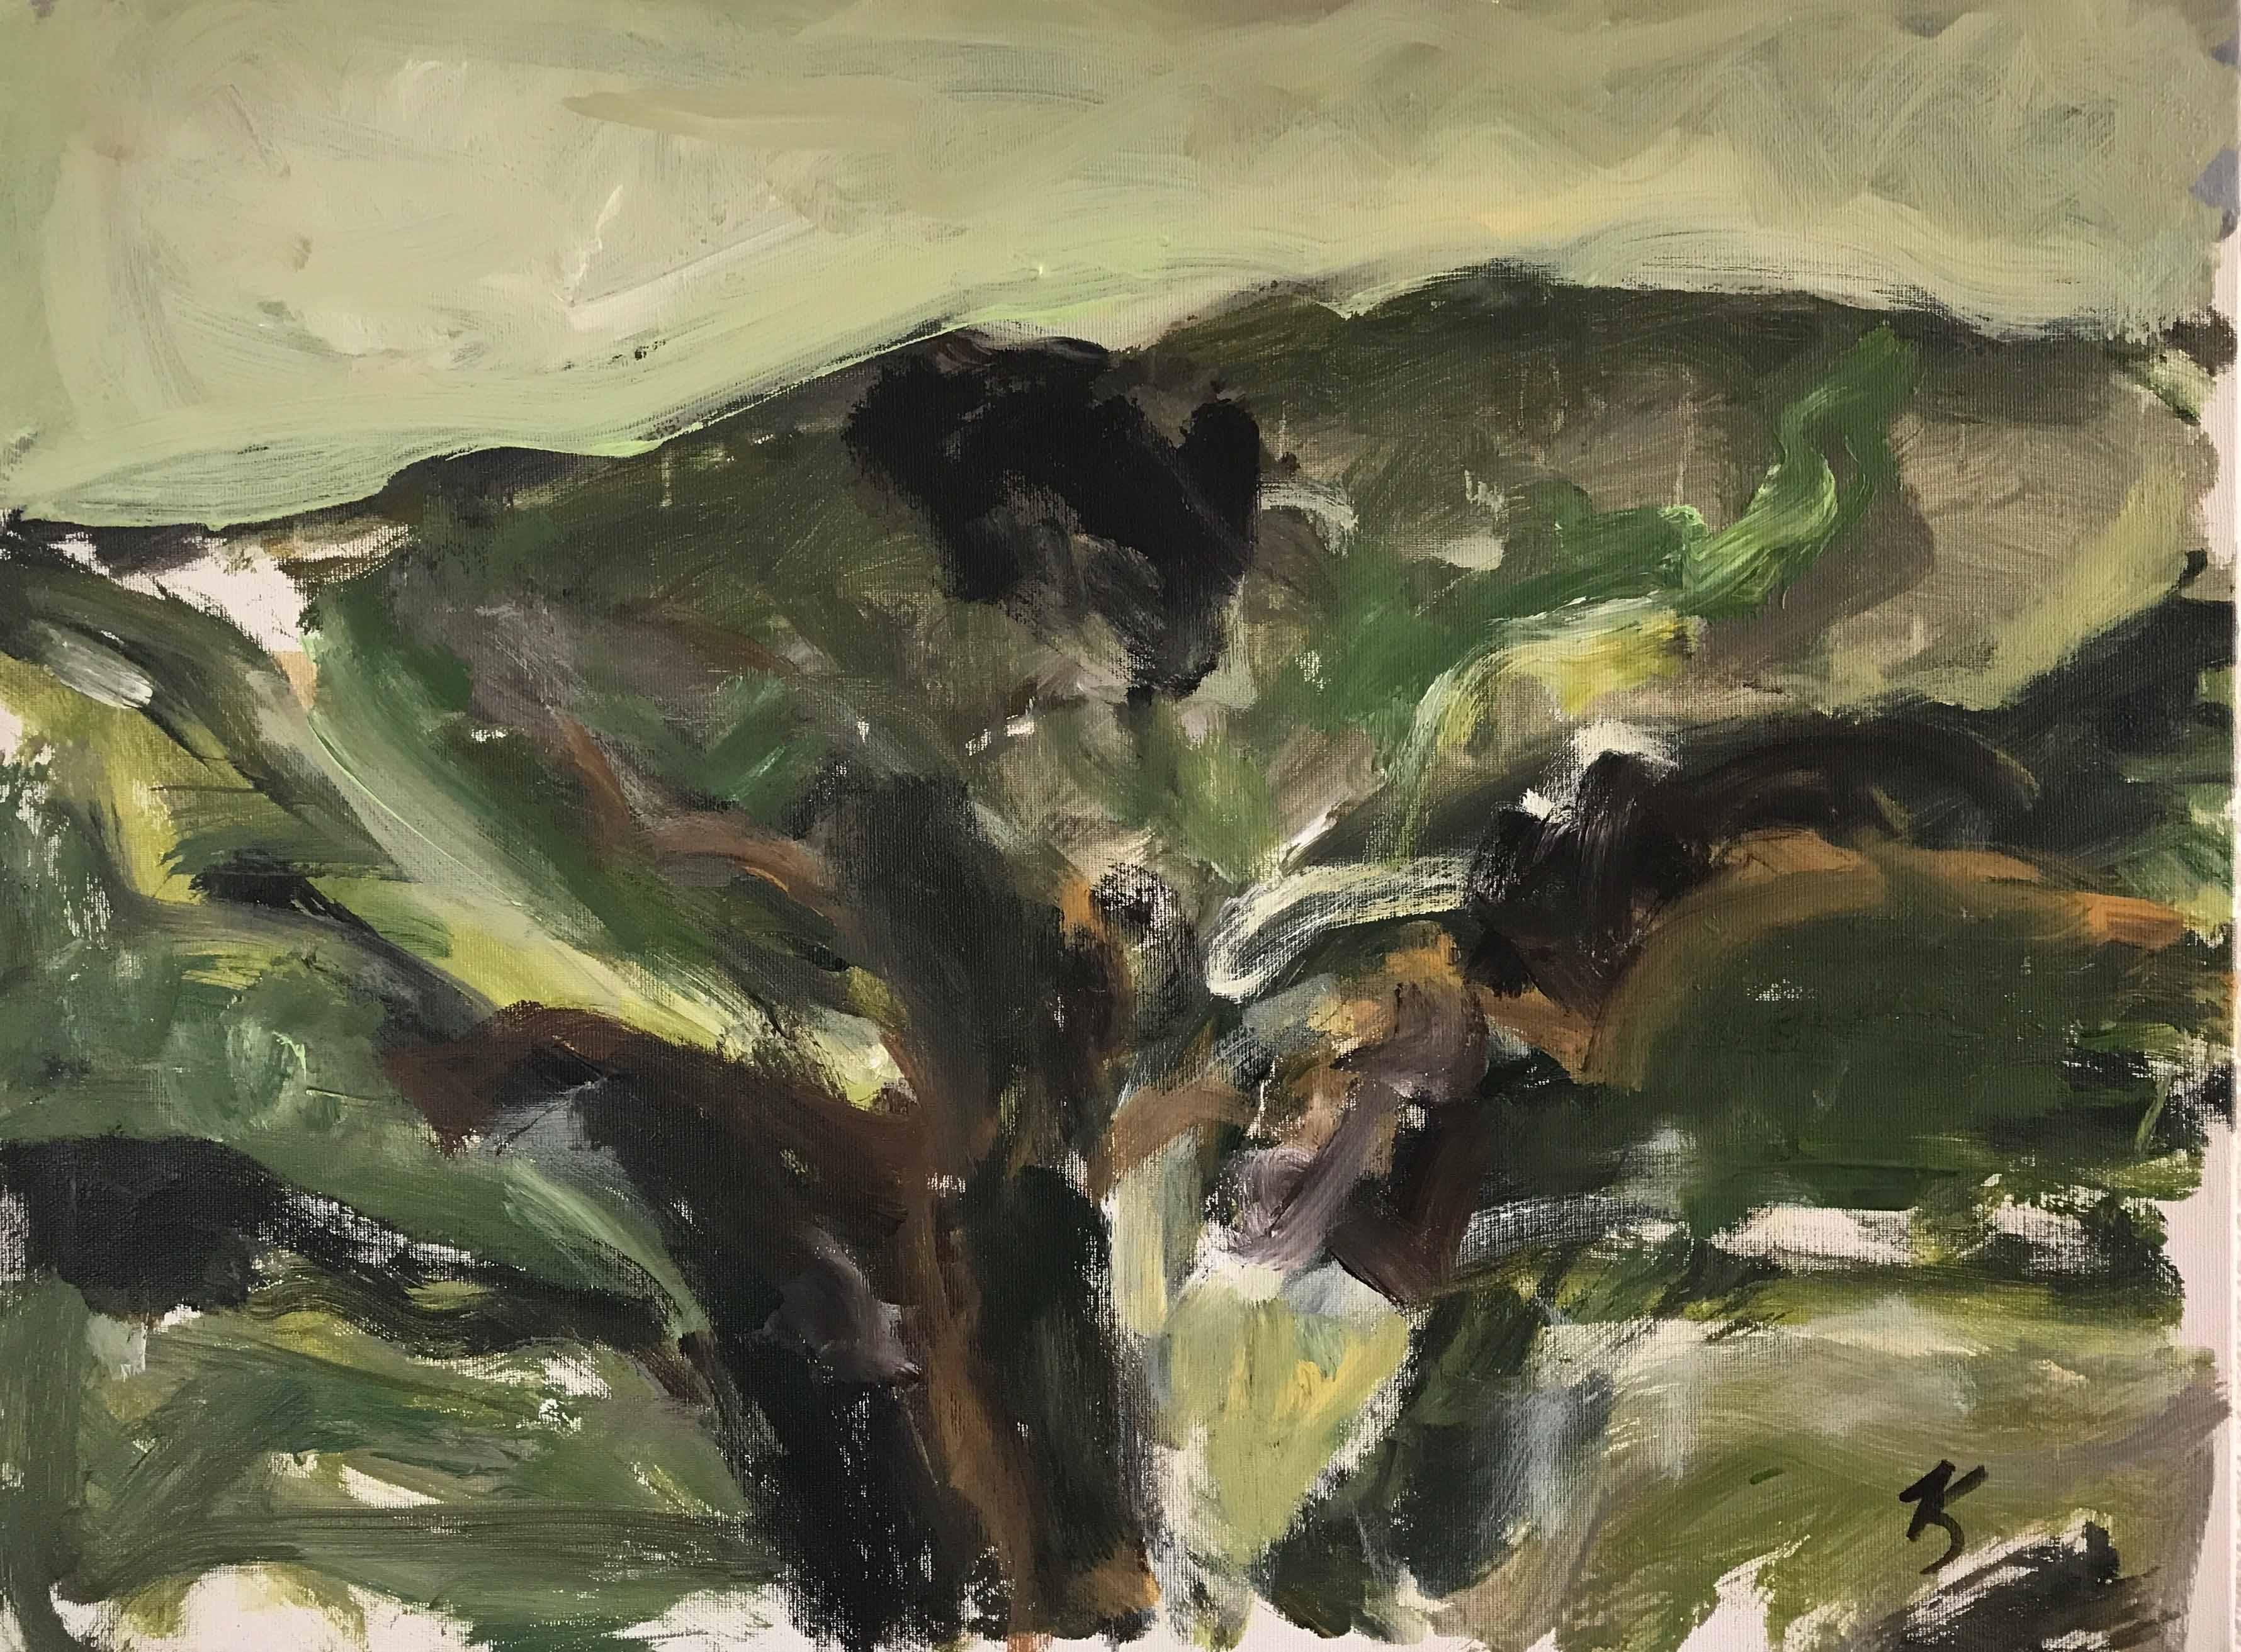 Verdure, 45x60cm,acrylique sur toile, 2017